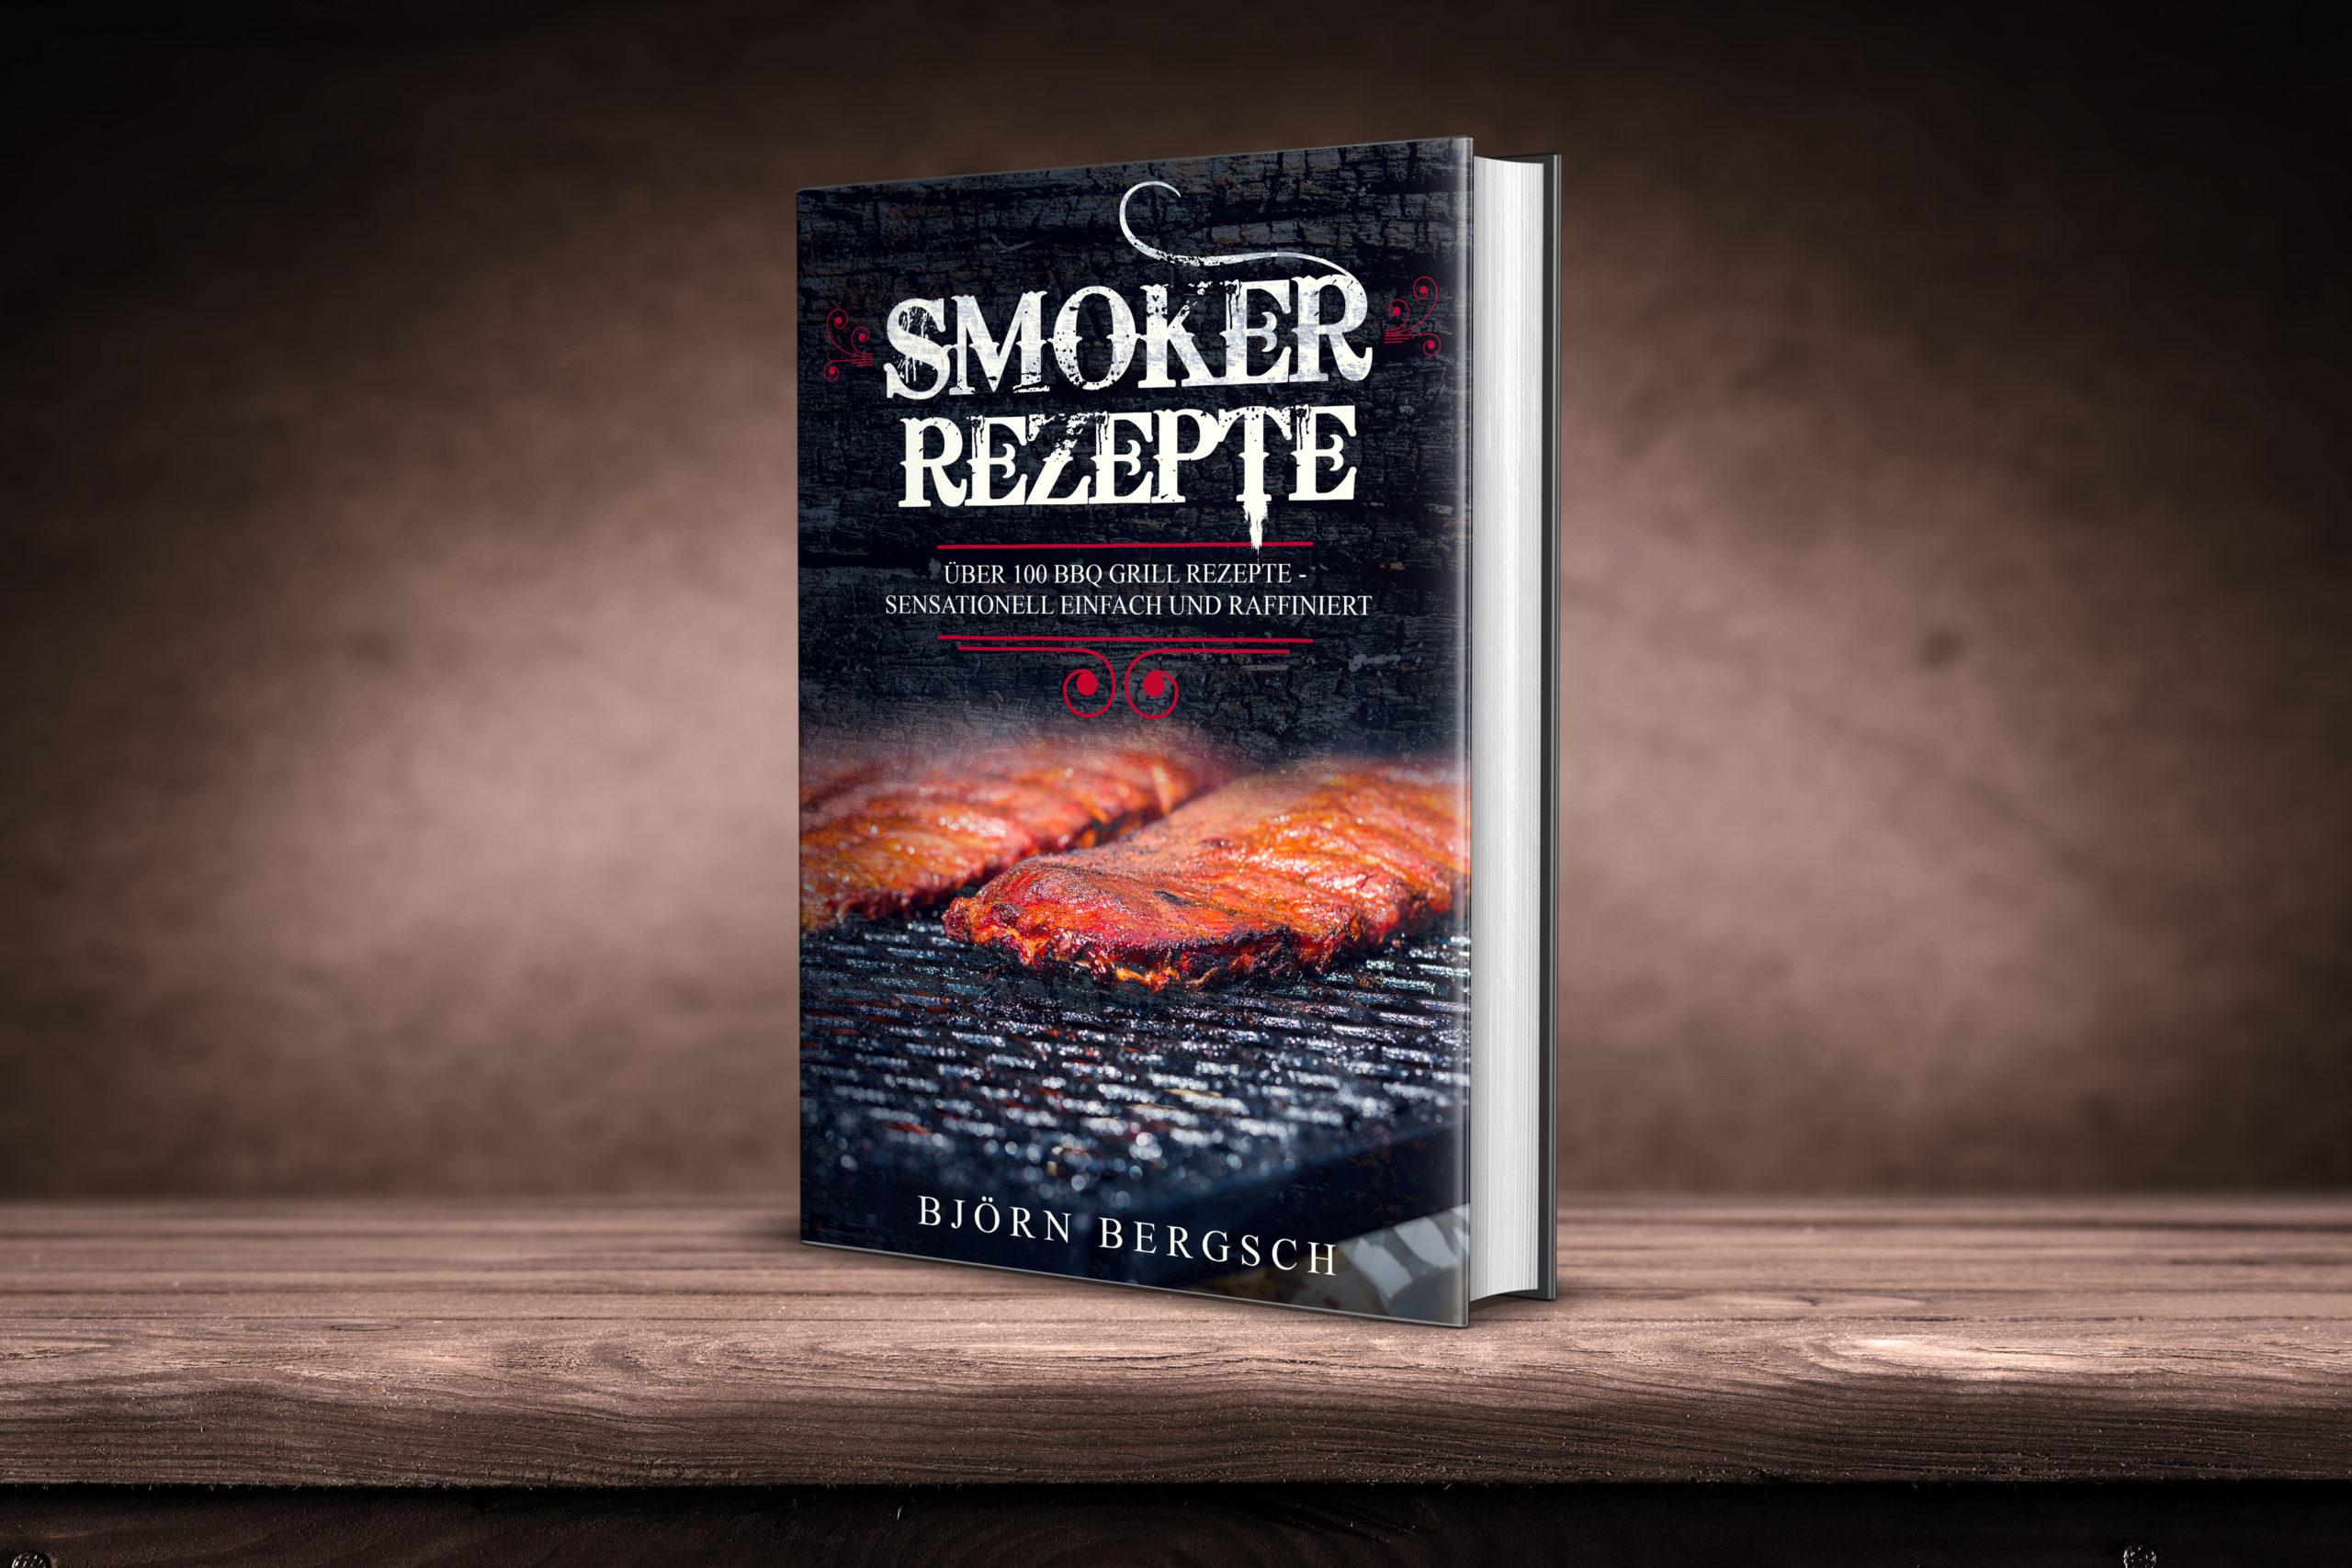 Smoker Rezepte